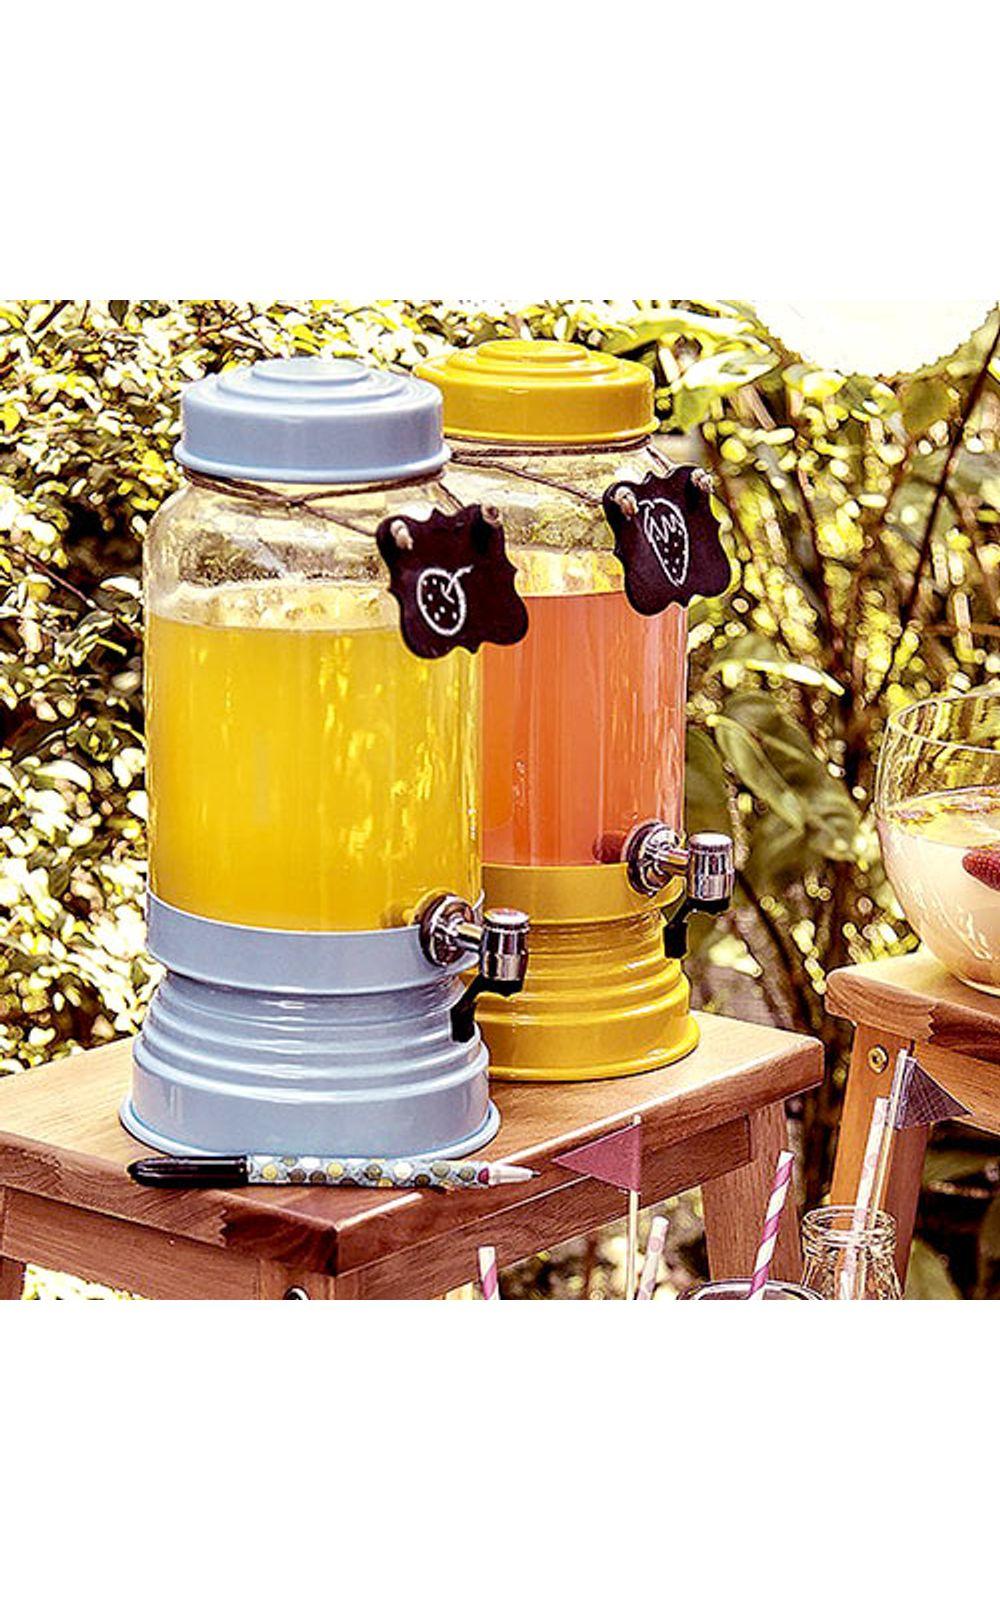 Foto 2 - Suqueira de Vidro 3,2 litros Vermelha Metalizada